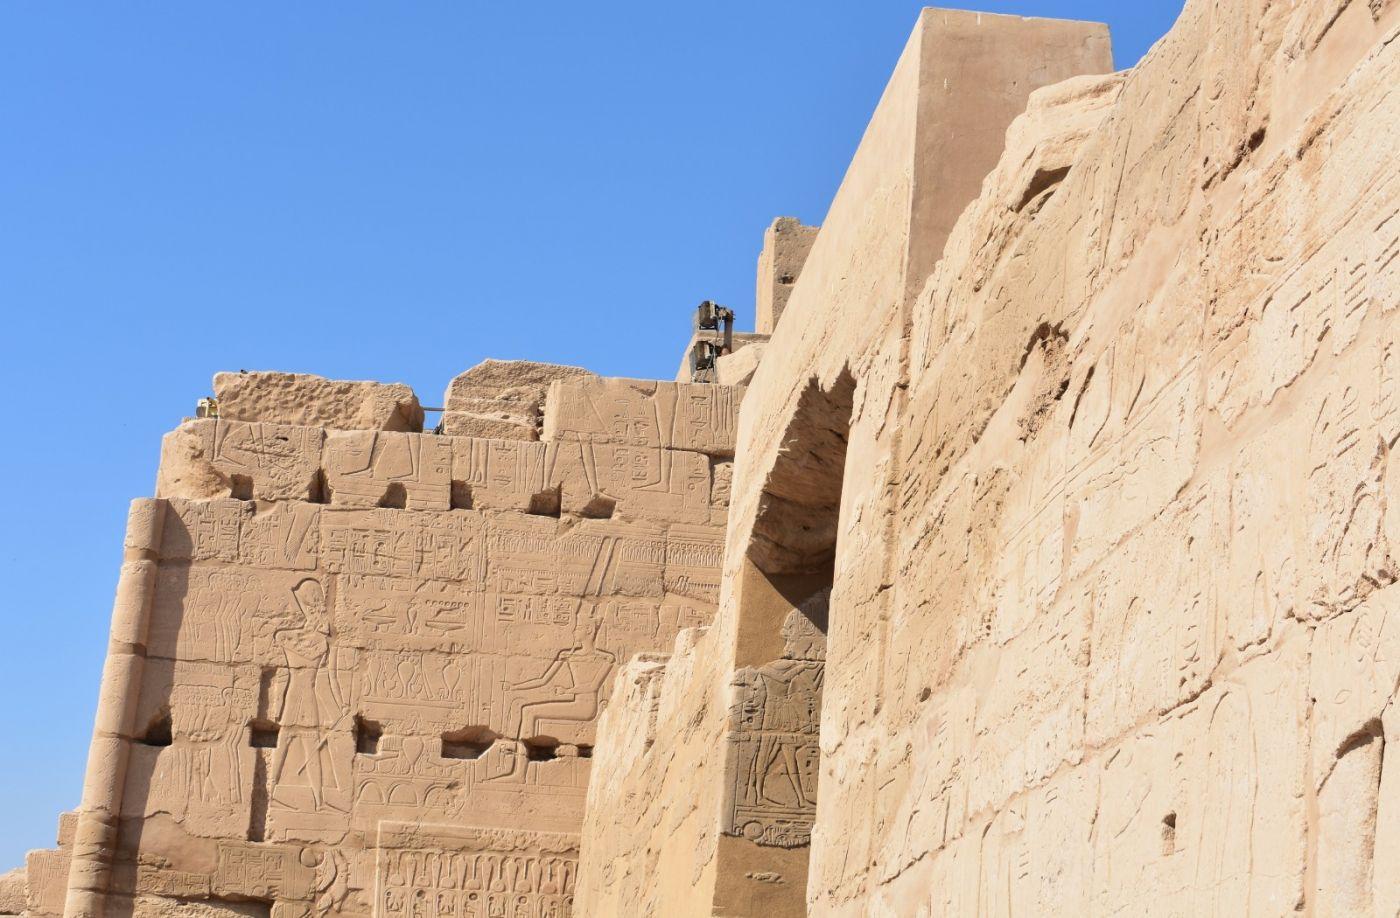 埃及卡纳克神庙群_图1-32